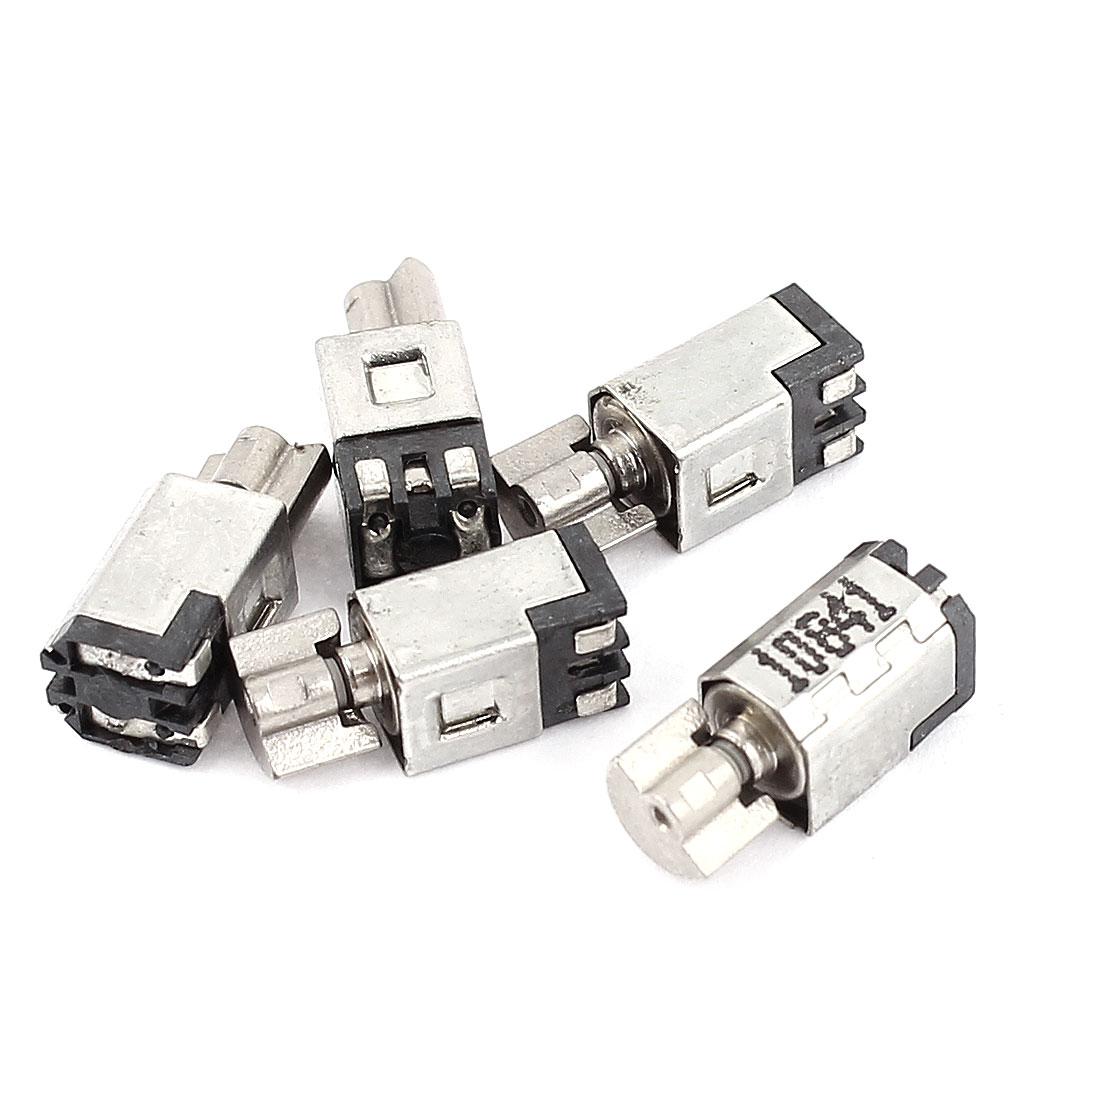 5pcs DC 1.5-3V 1500RPM Mini Micro Toy Vibration Motor 4.5x5x11mm